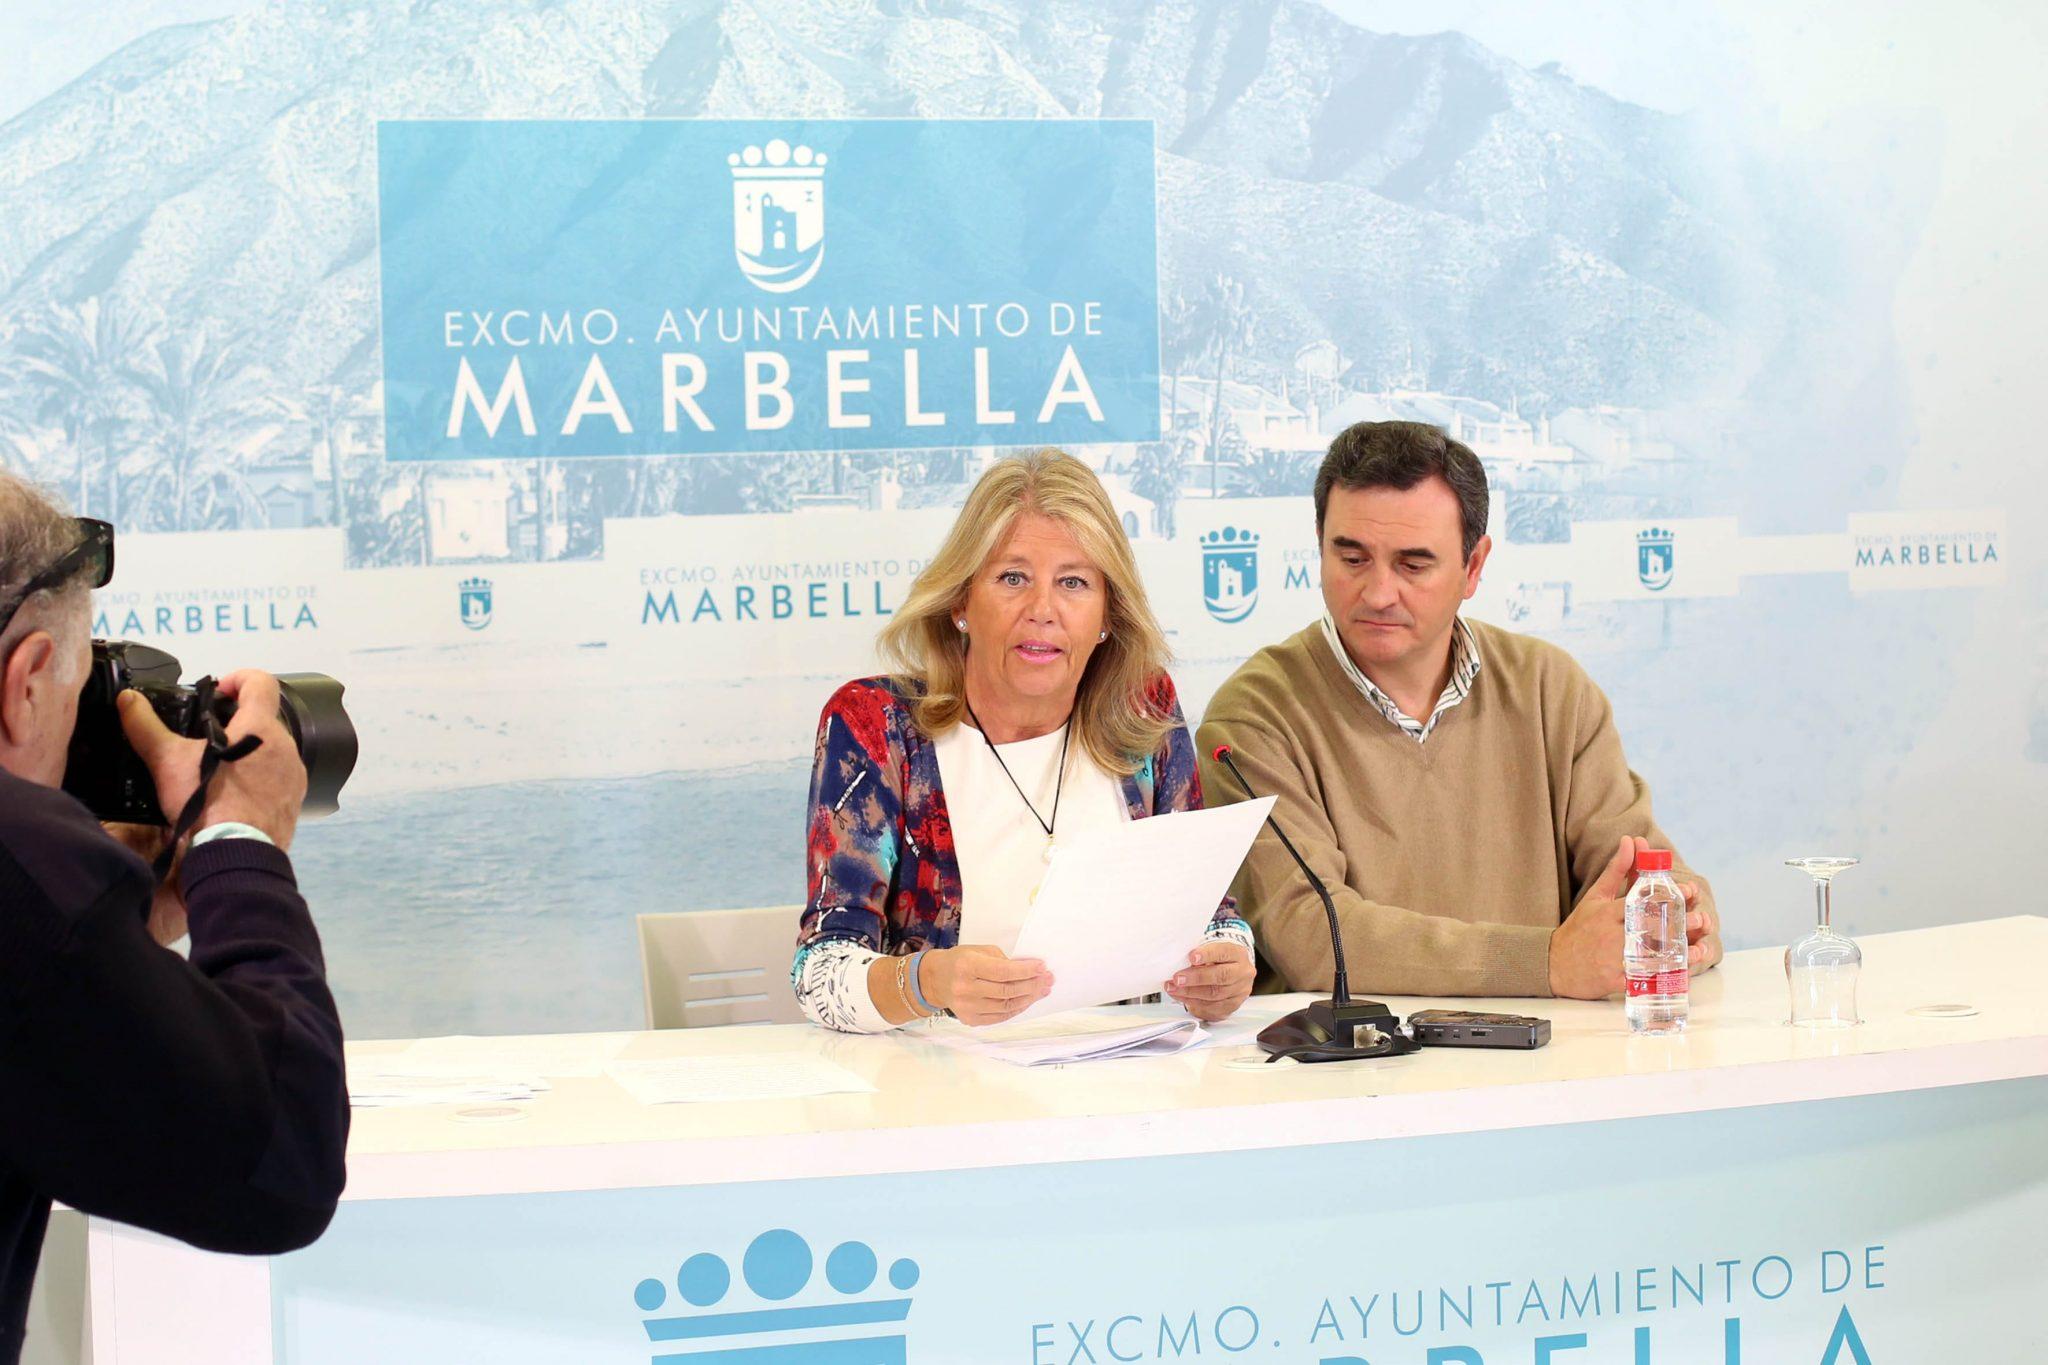 El Ayuntamiento incorporará a su patrimonio antes de fin de año bienes procedentes de causas judiciales por un valor superior a 7€ millones